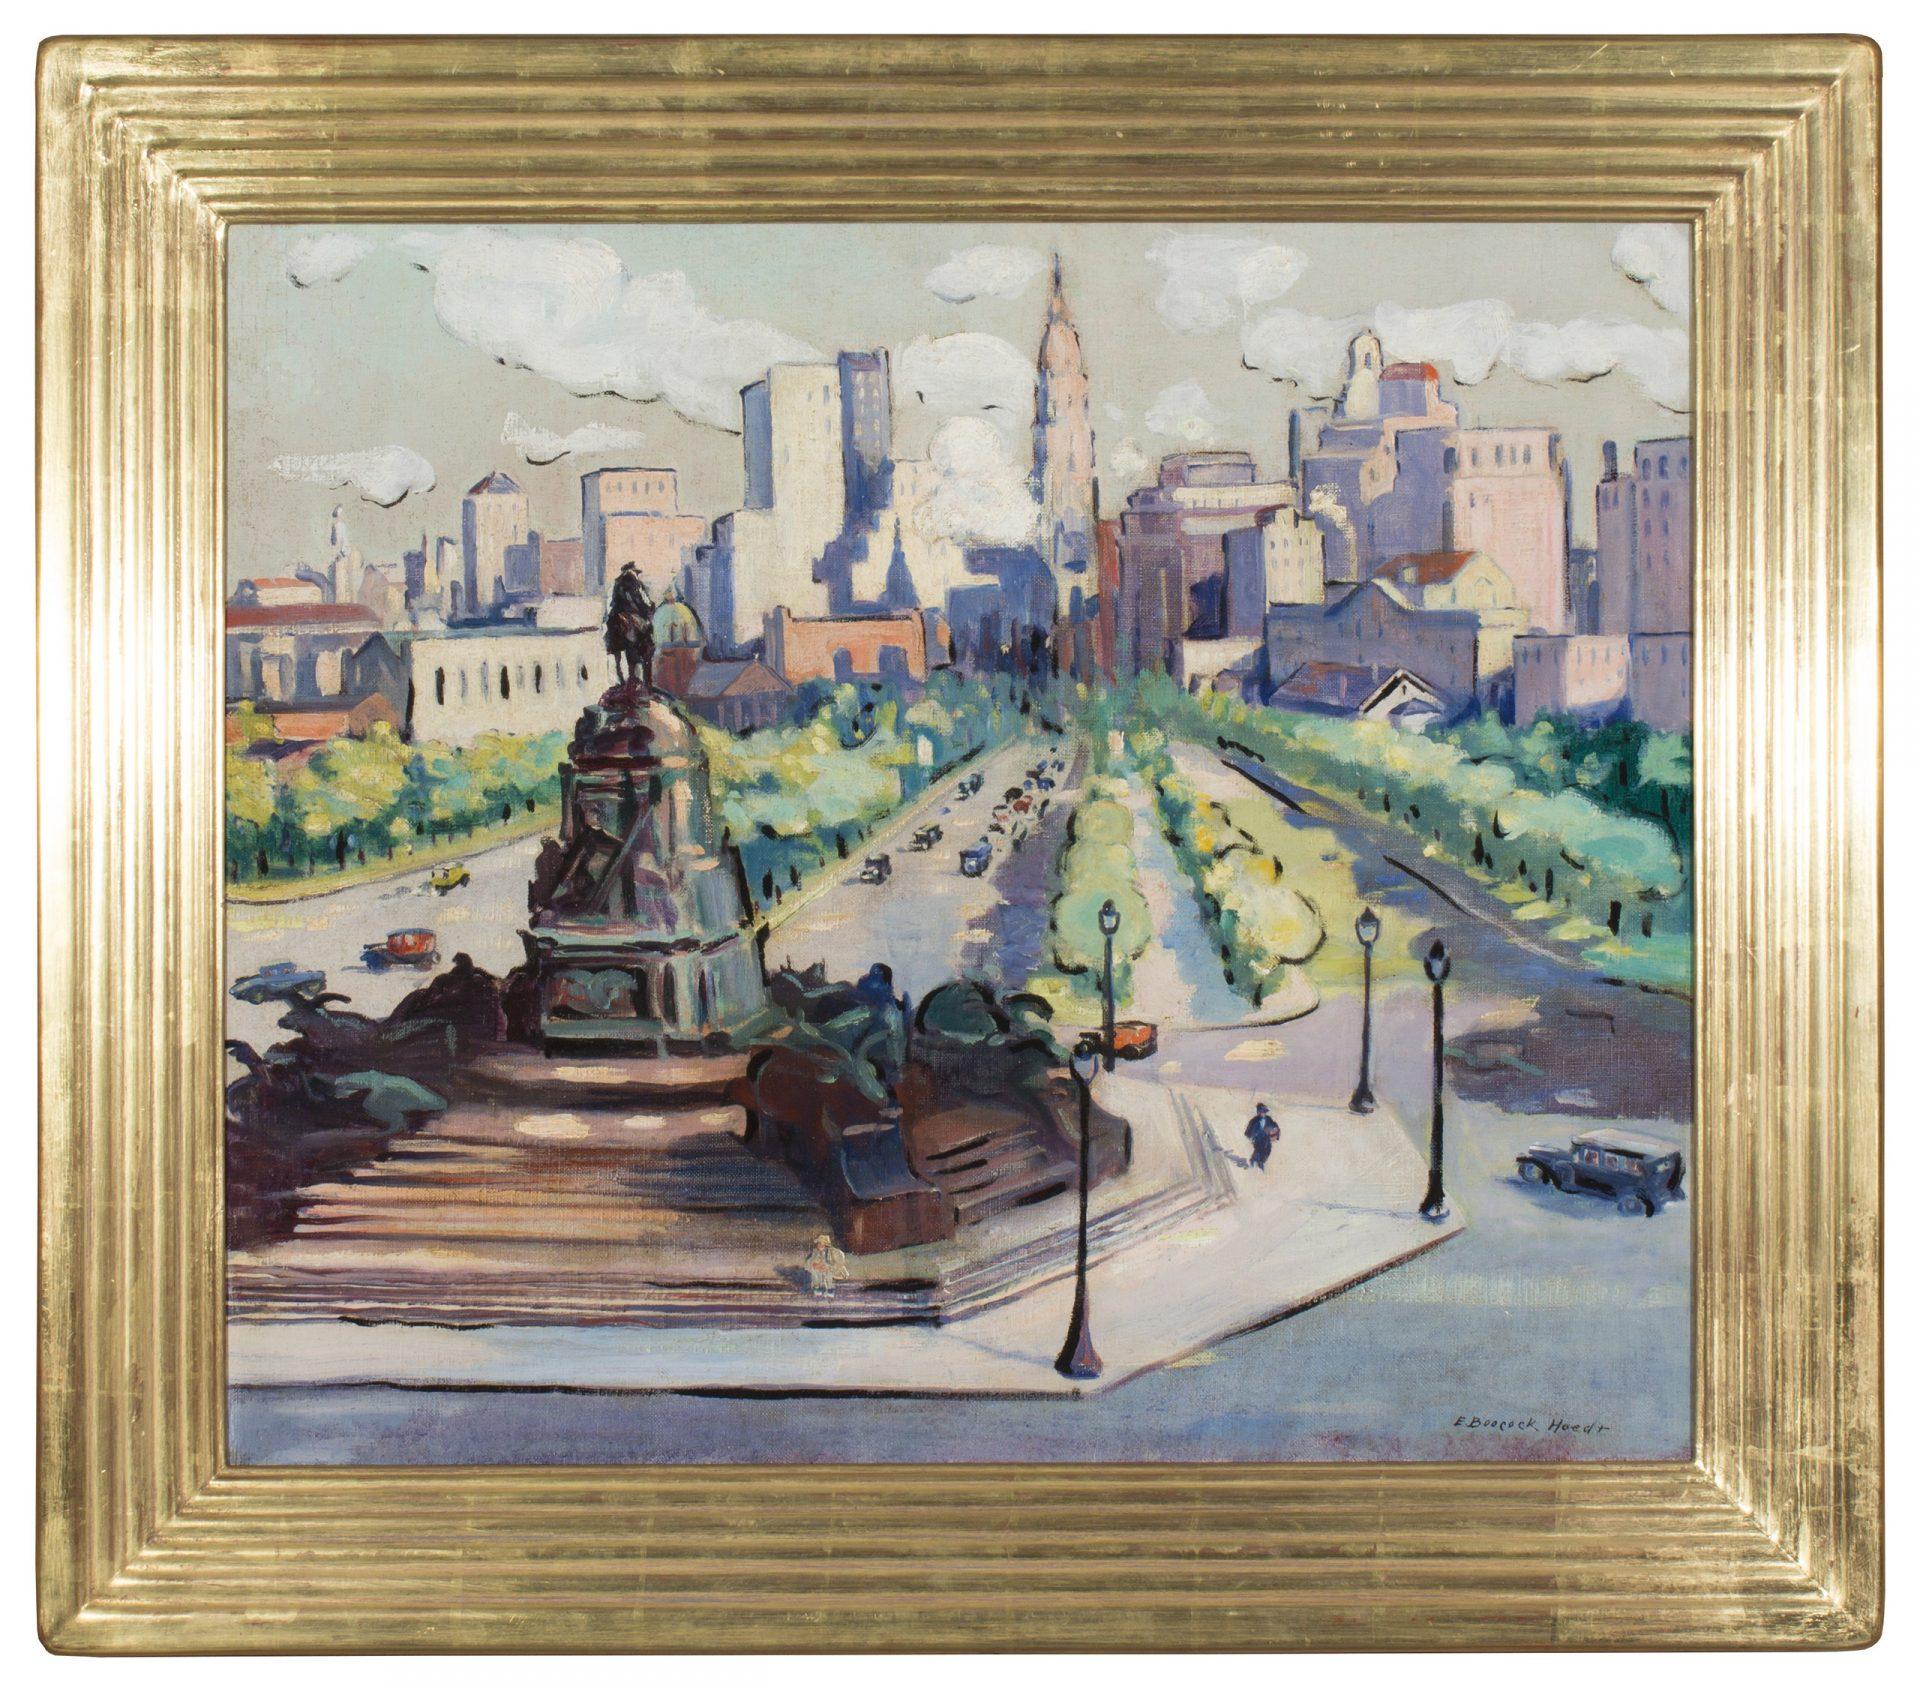 The Parkway, Philadelphia FRAMED (Ella Boocock Hoedt)